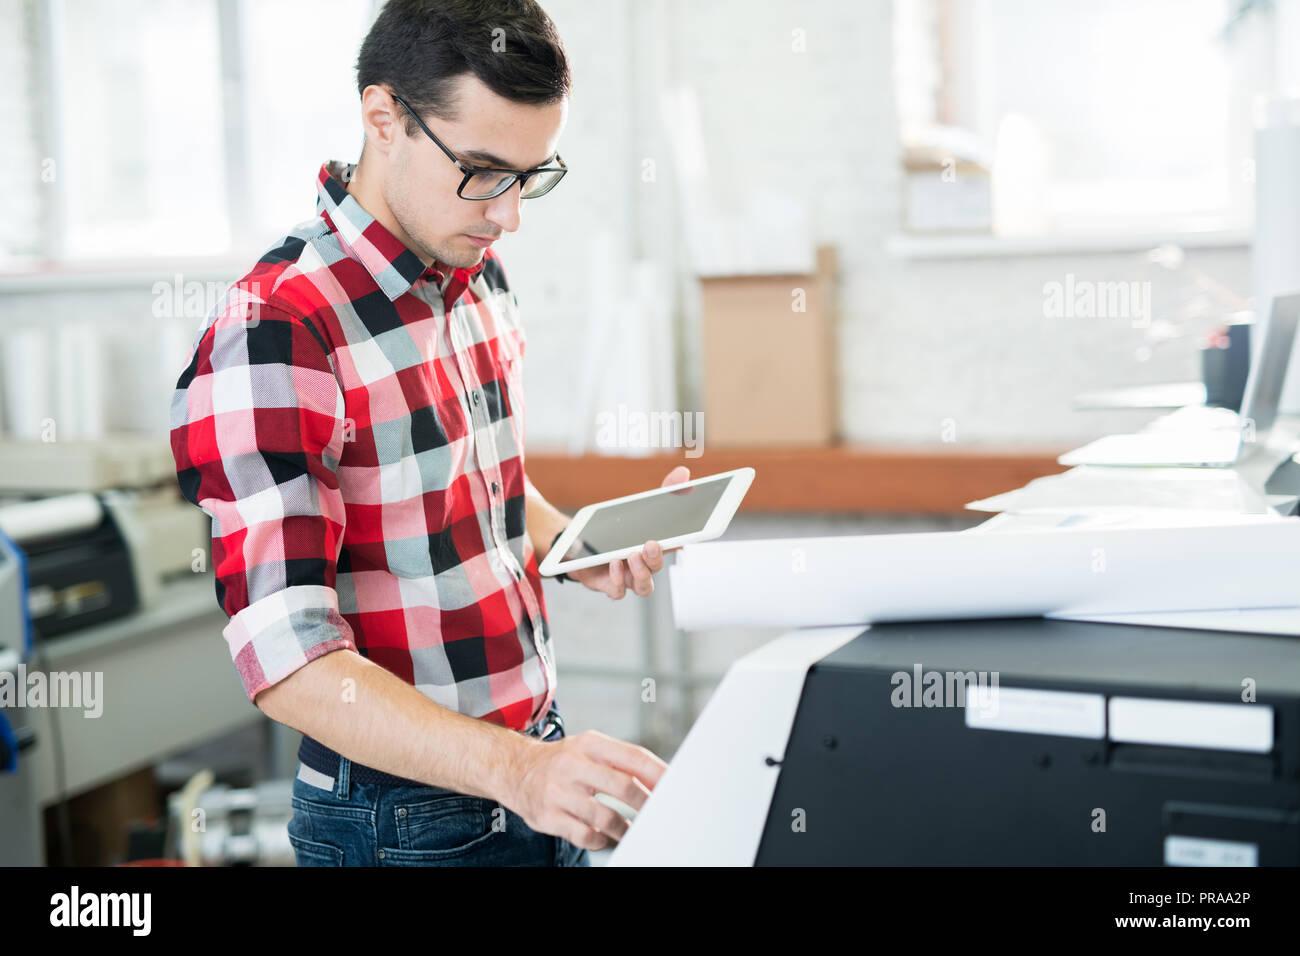 Occupé technicien travaillant avec imprimante Photo Stock